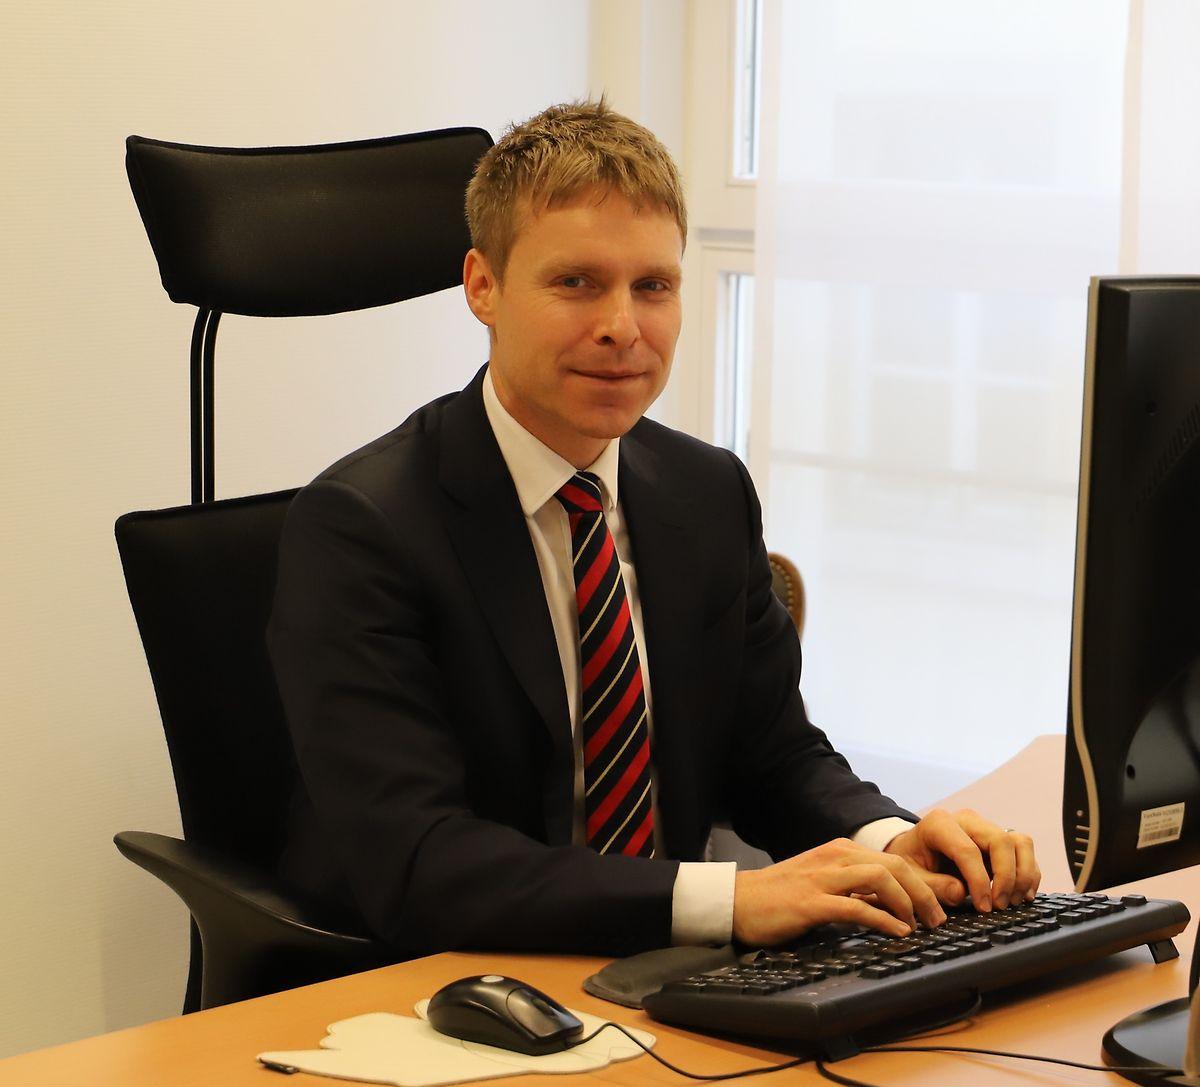 Laurent Scheeck war zuvor im Service des Relations Internationales des Parlaments tätig.